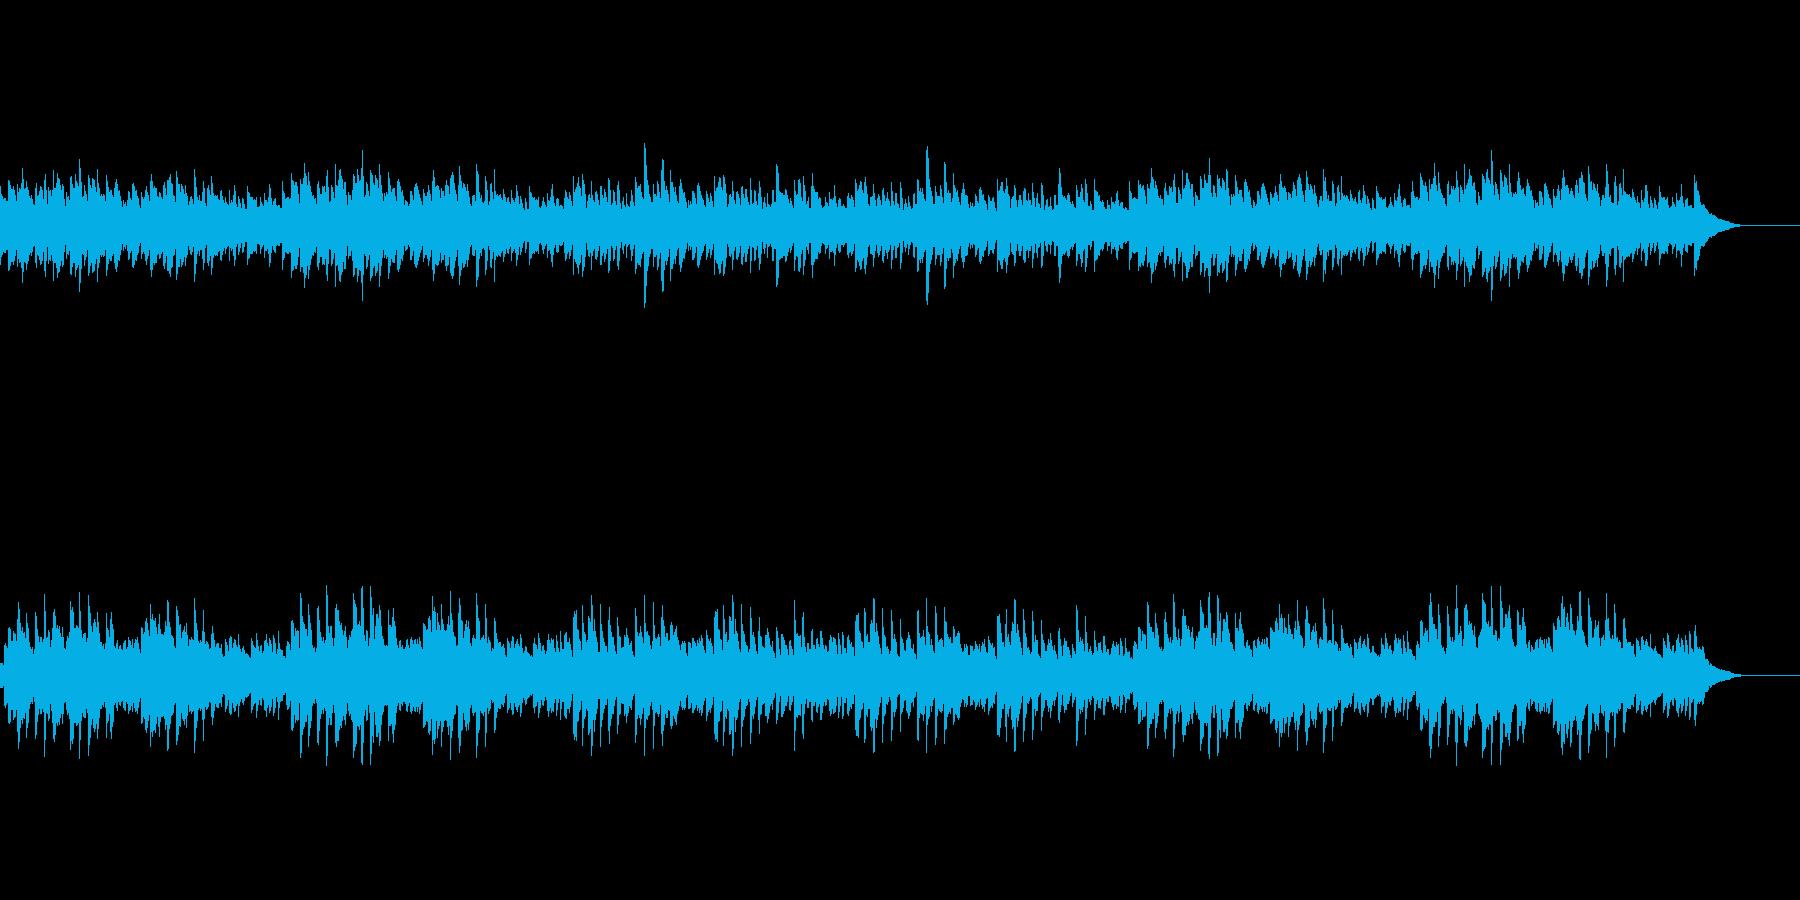 【平和で穏やかな風景】ピアノ・バージョンの再生済みの波形